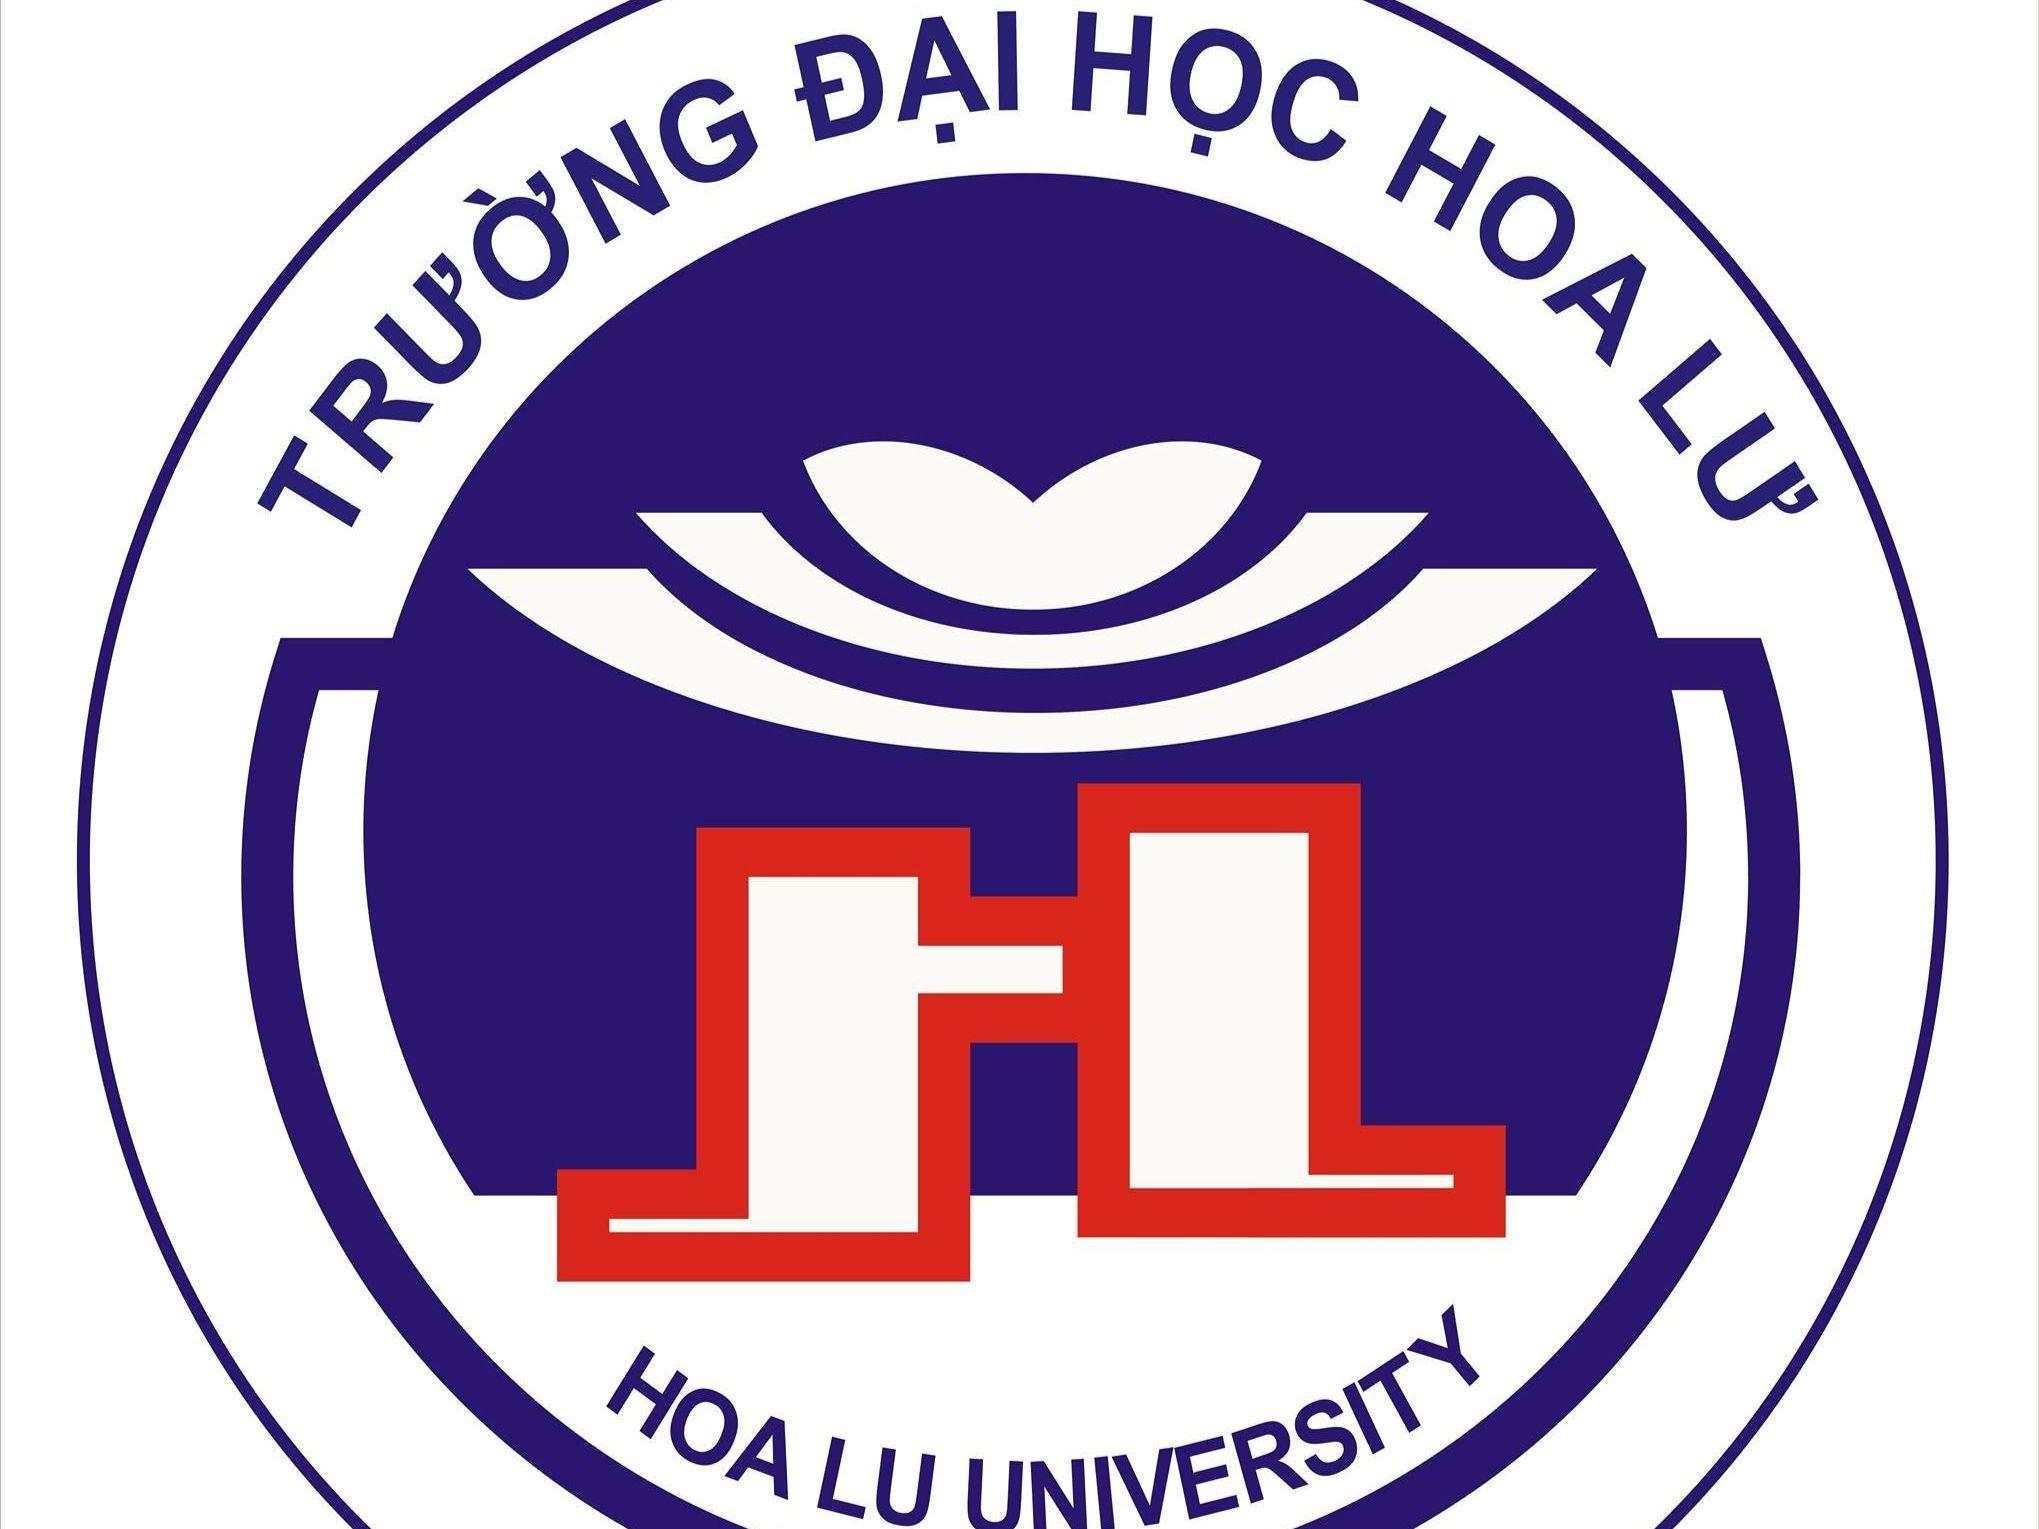 Kế hoạch gặp mặt các thế hệ cán bộ, viên chưc nhân kỷ niệm Ngày Nhà giáo Việt Nam 20/11 và truyền thống 60 năm xây dựng Nhà trường (1959 - 2019)